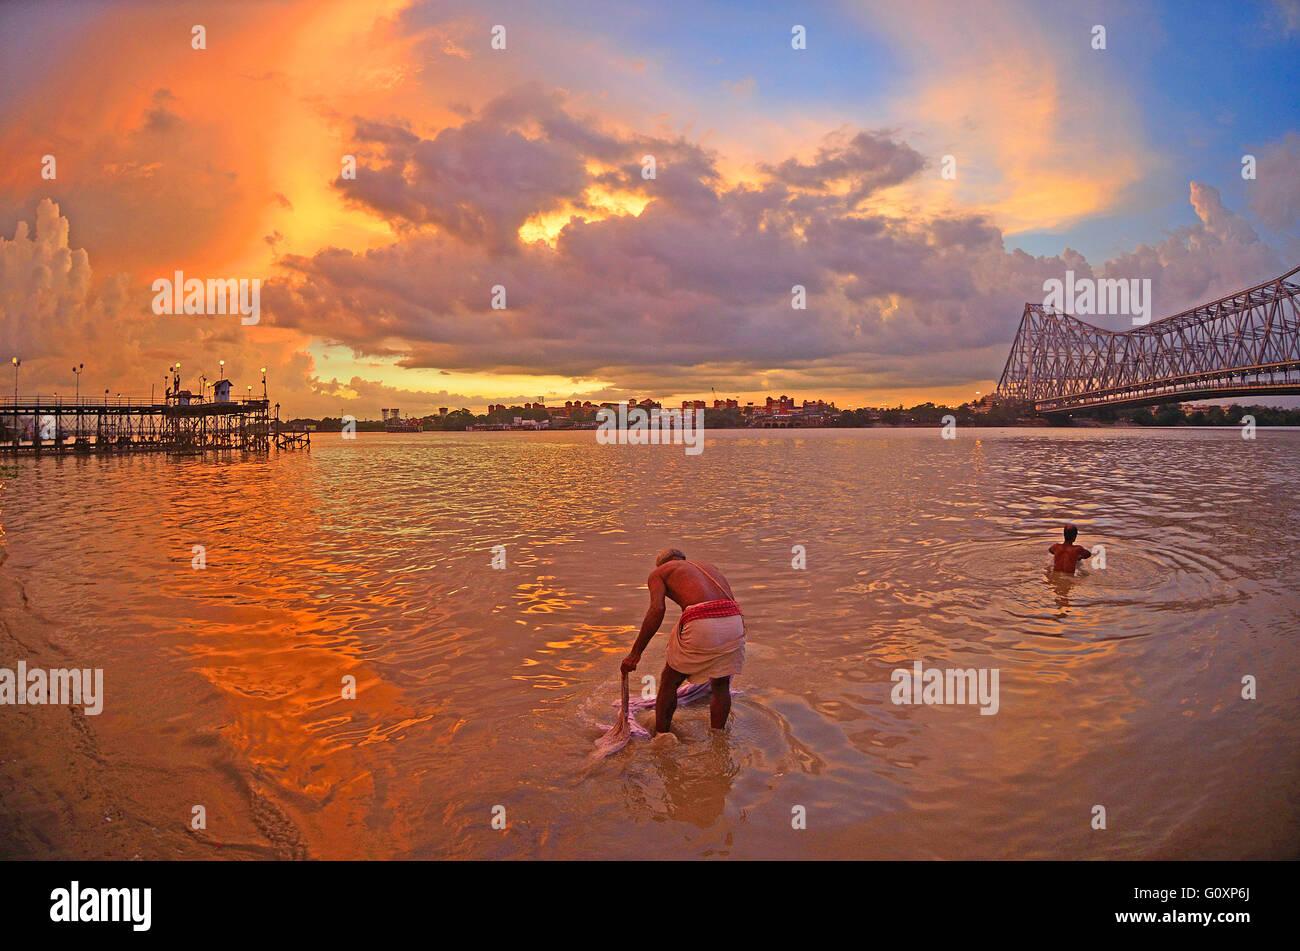 La gente la balneazione sul fiume Hoogly al tramonto con quella di Howrah Bridge a destra, Calcutta, Bengala Occidentale Foto Stock